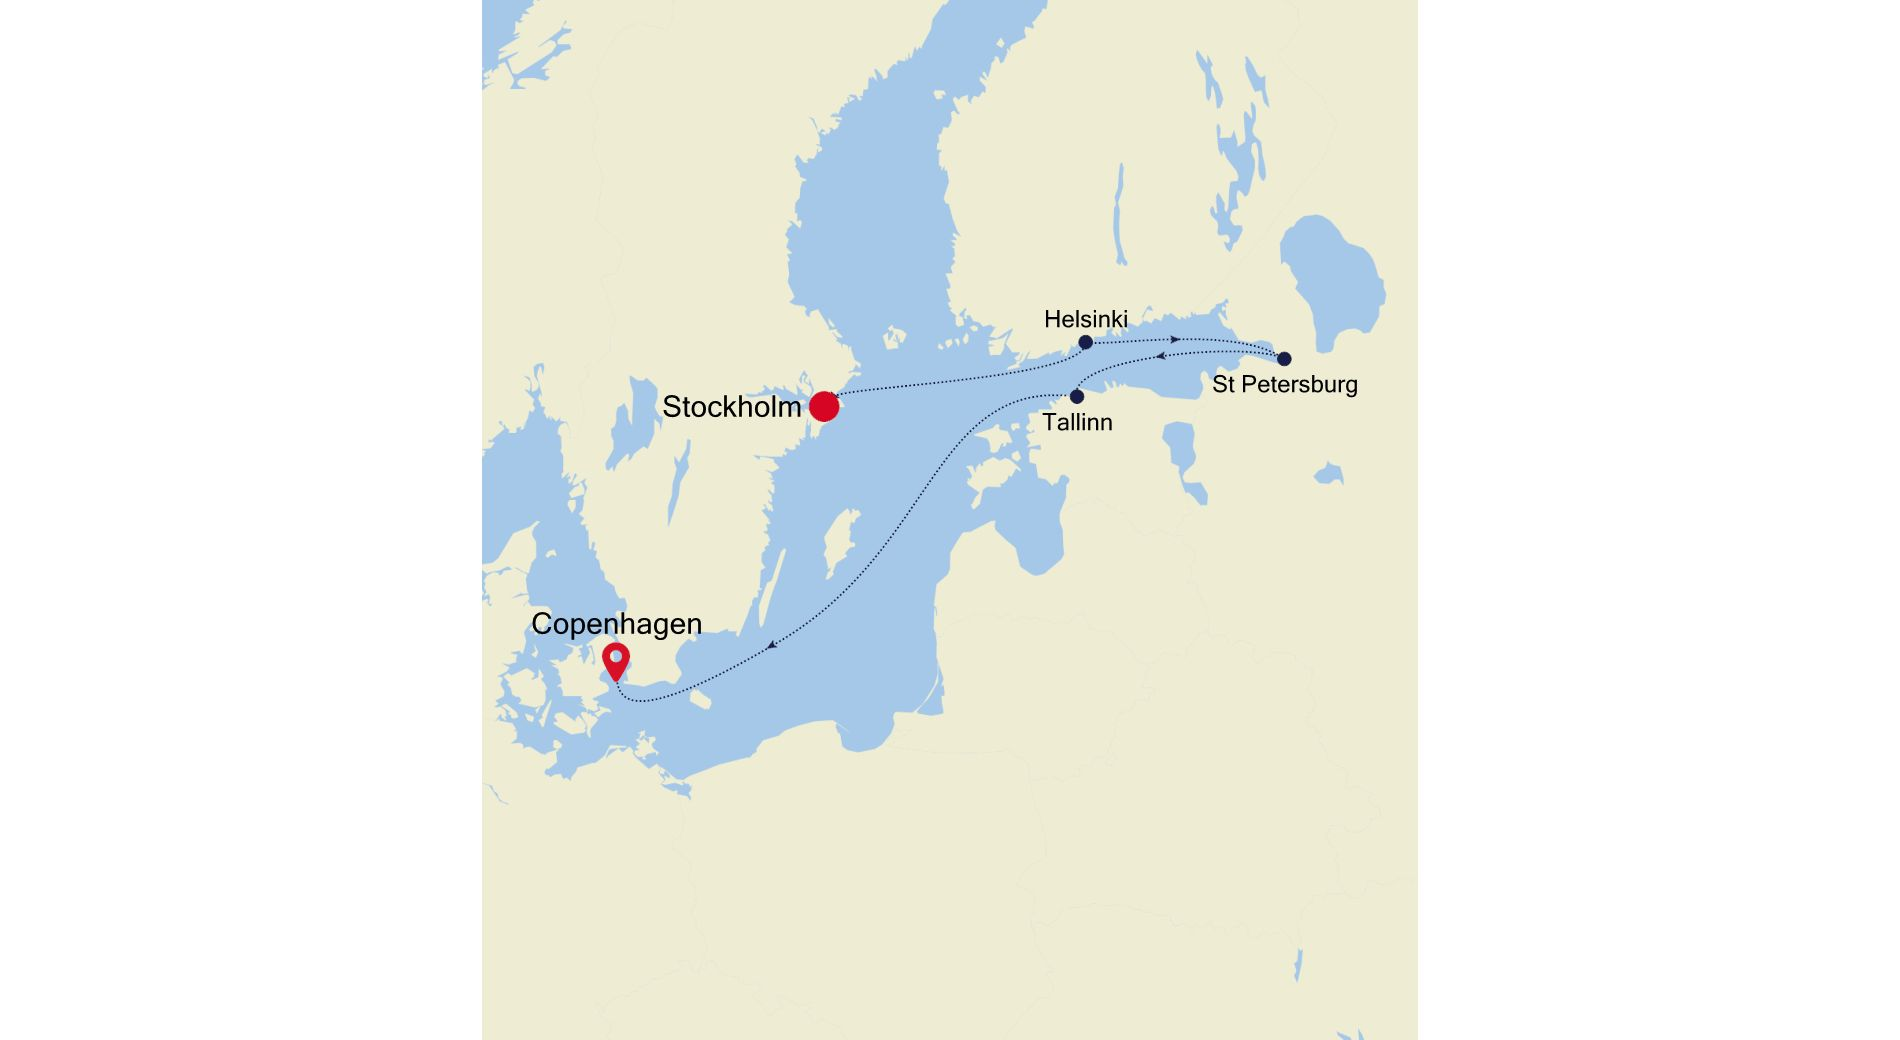 SL200827007 - Stockholm nach Copenhagen